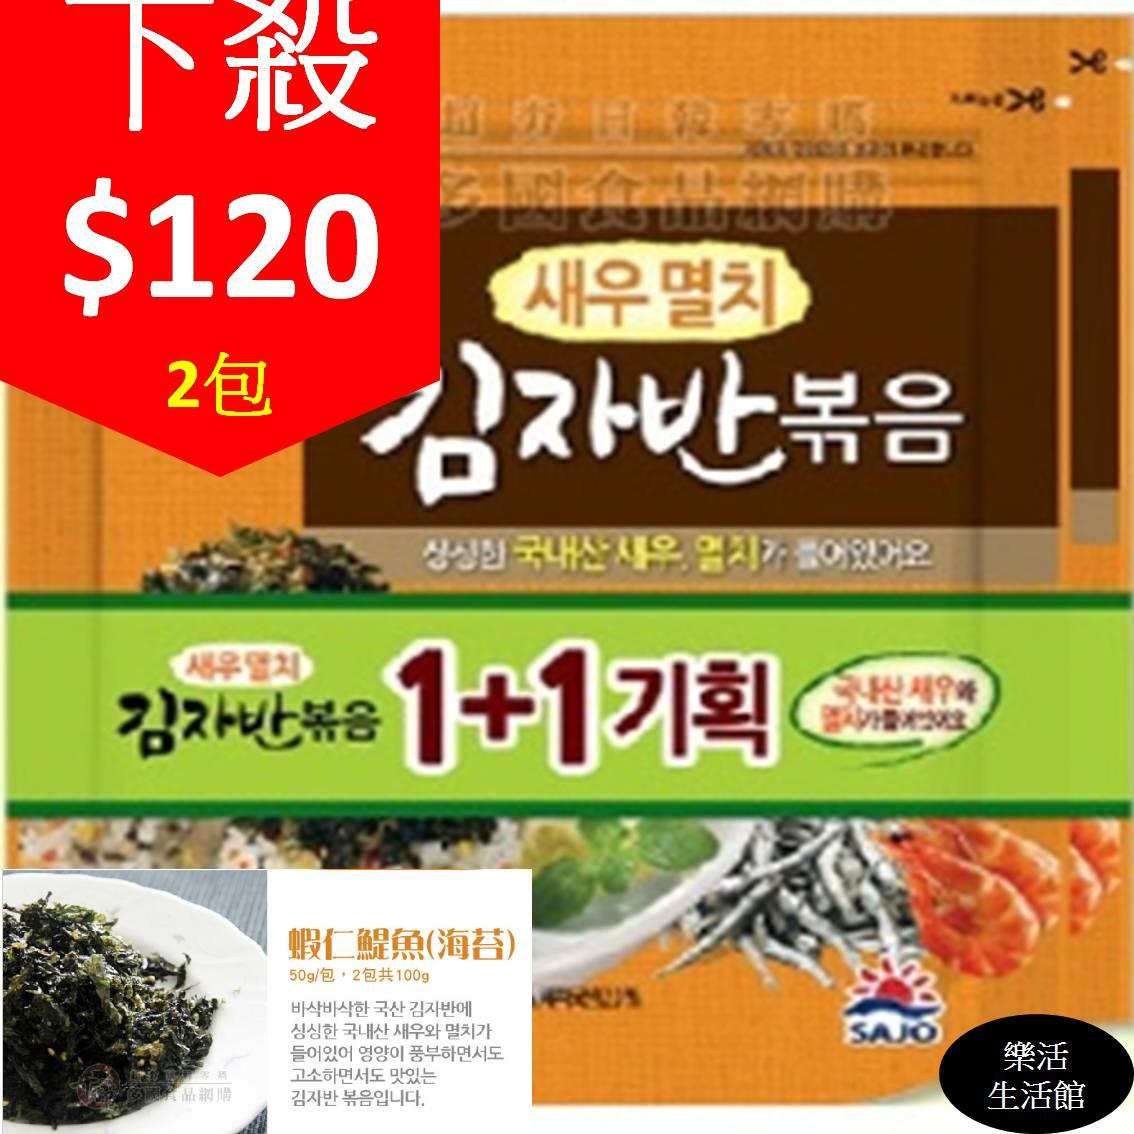 ↘下殺$120 韓國 SAJO思潮海苔酥 50g  蝦仁鯷魚    2入組 【樂活生活館】